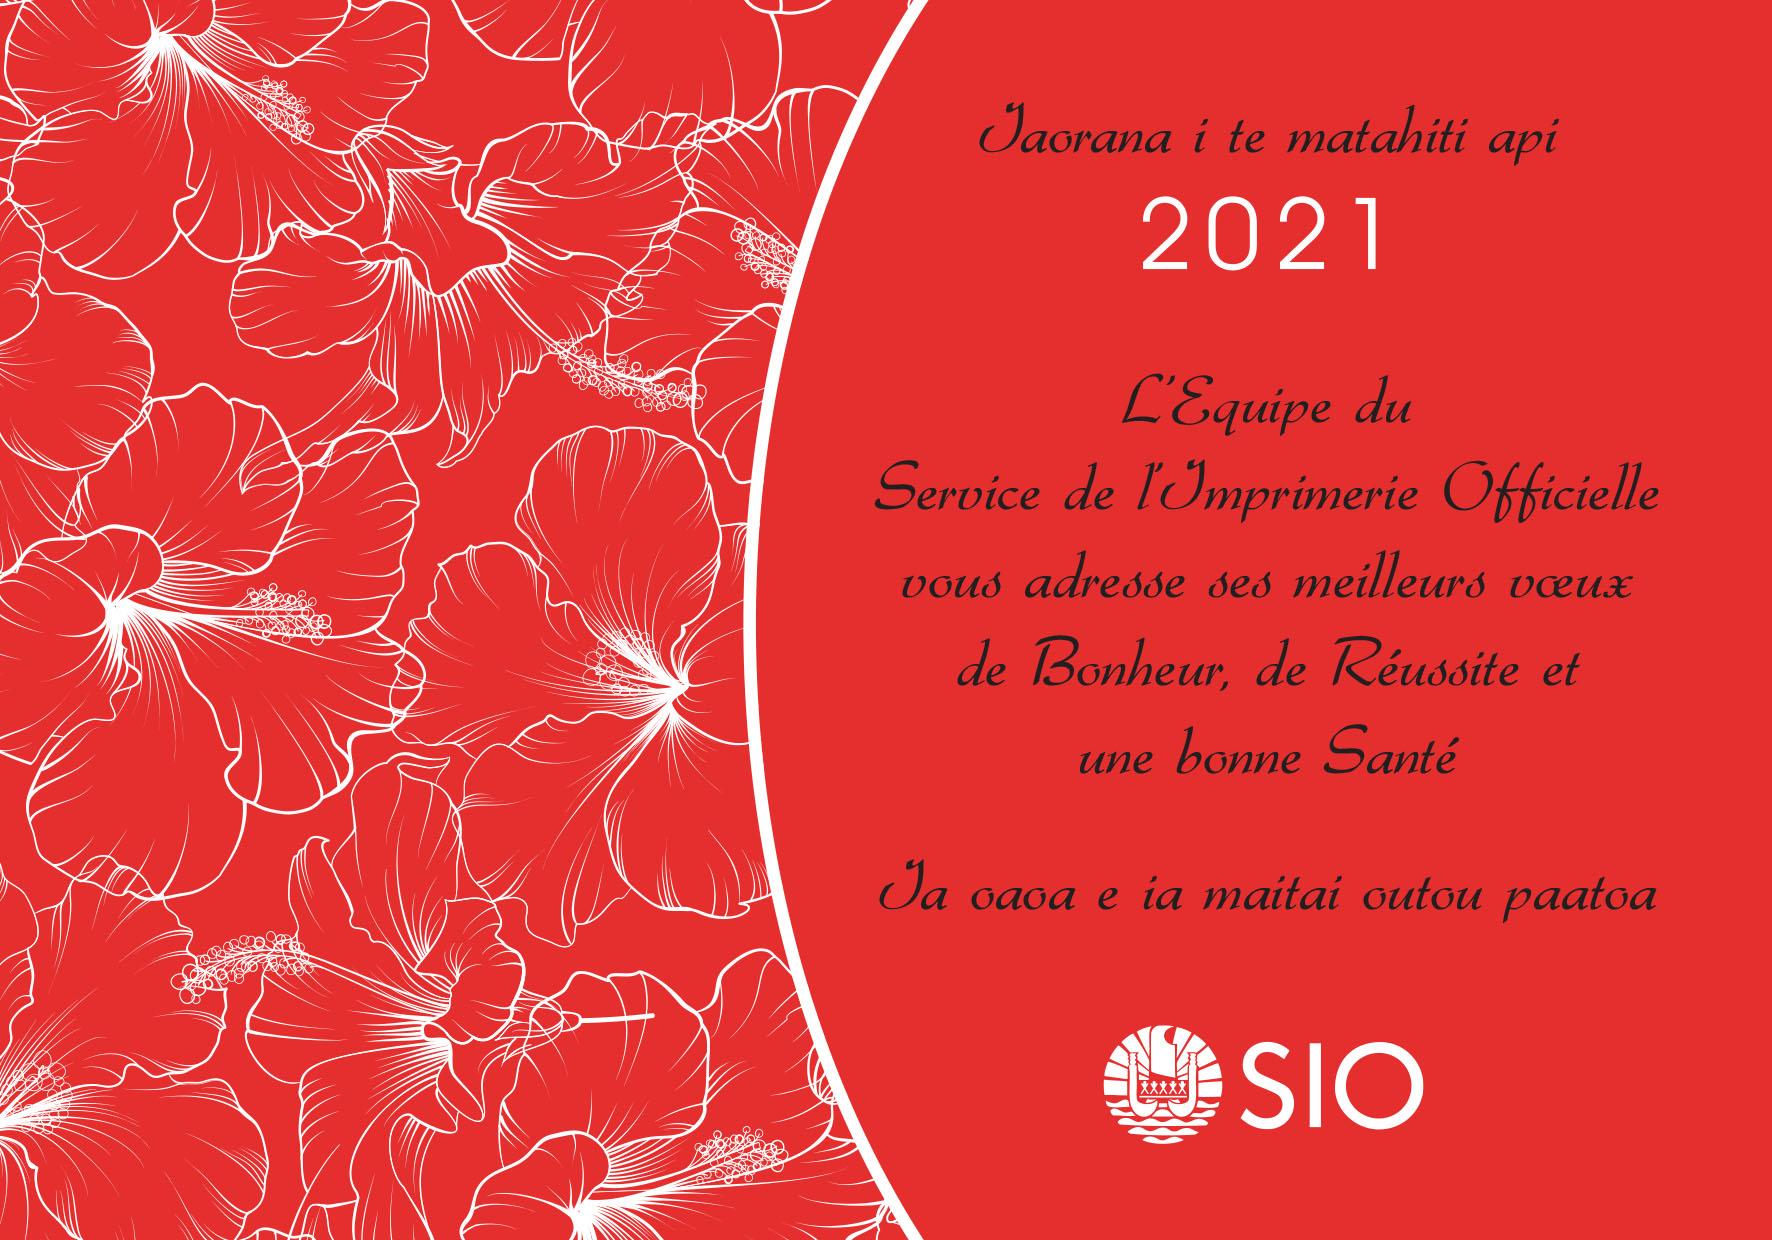 Vœux 2021 du SIO, le service de l'imprimerie officielle